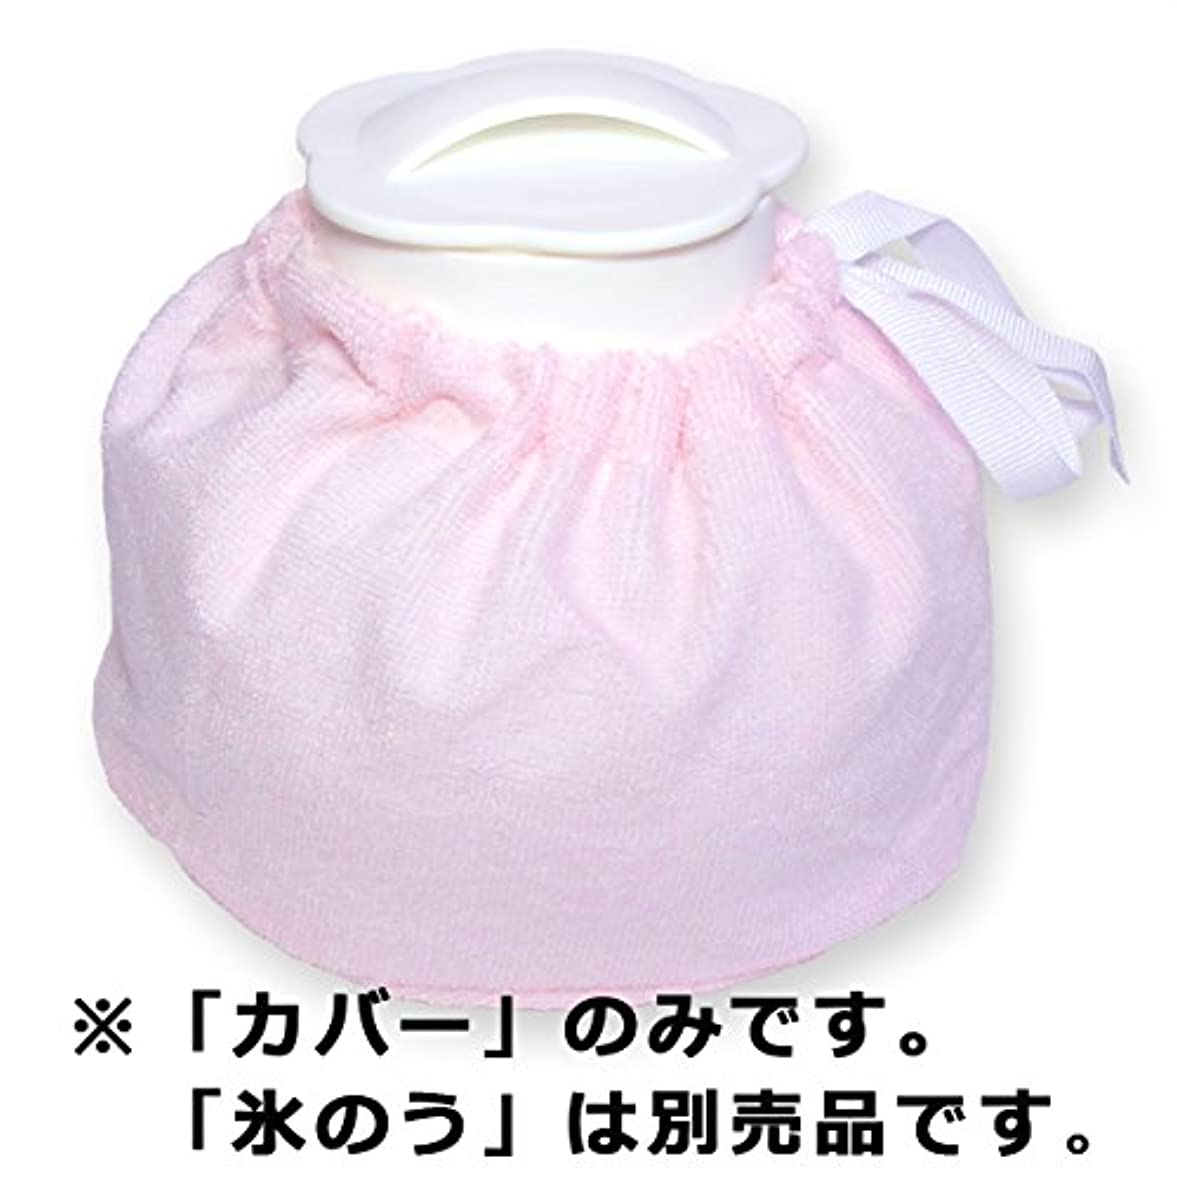 ボーナストライアスリート消化器シリコン氷のう専用 カバー タオル地 【 ピンク 】 ※カバーのみ 氷嚢 氷のう用